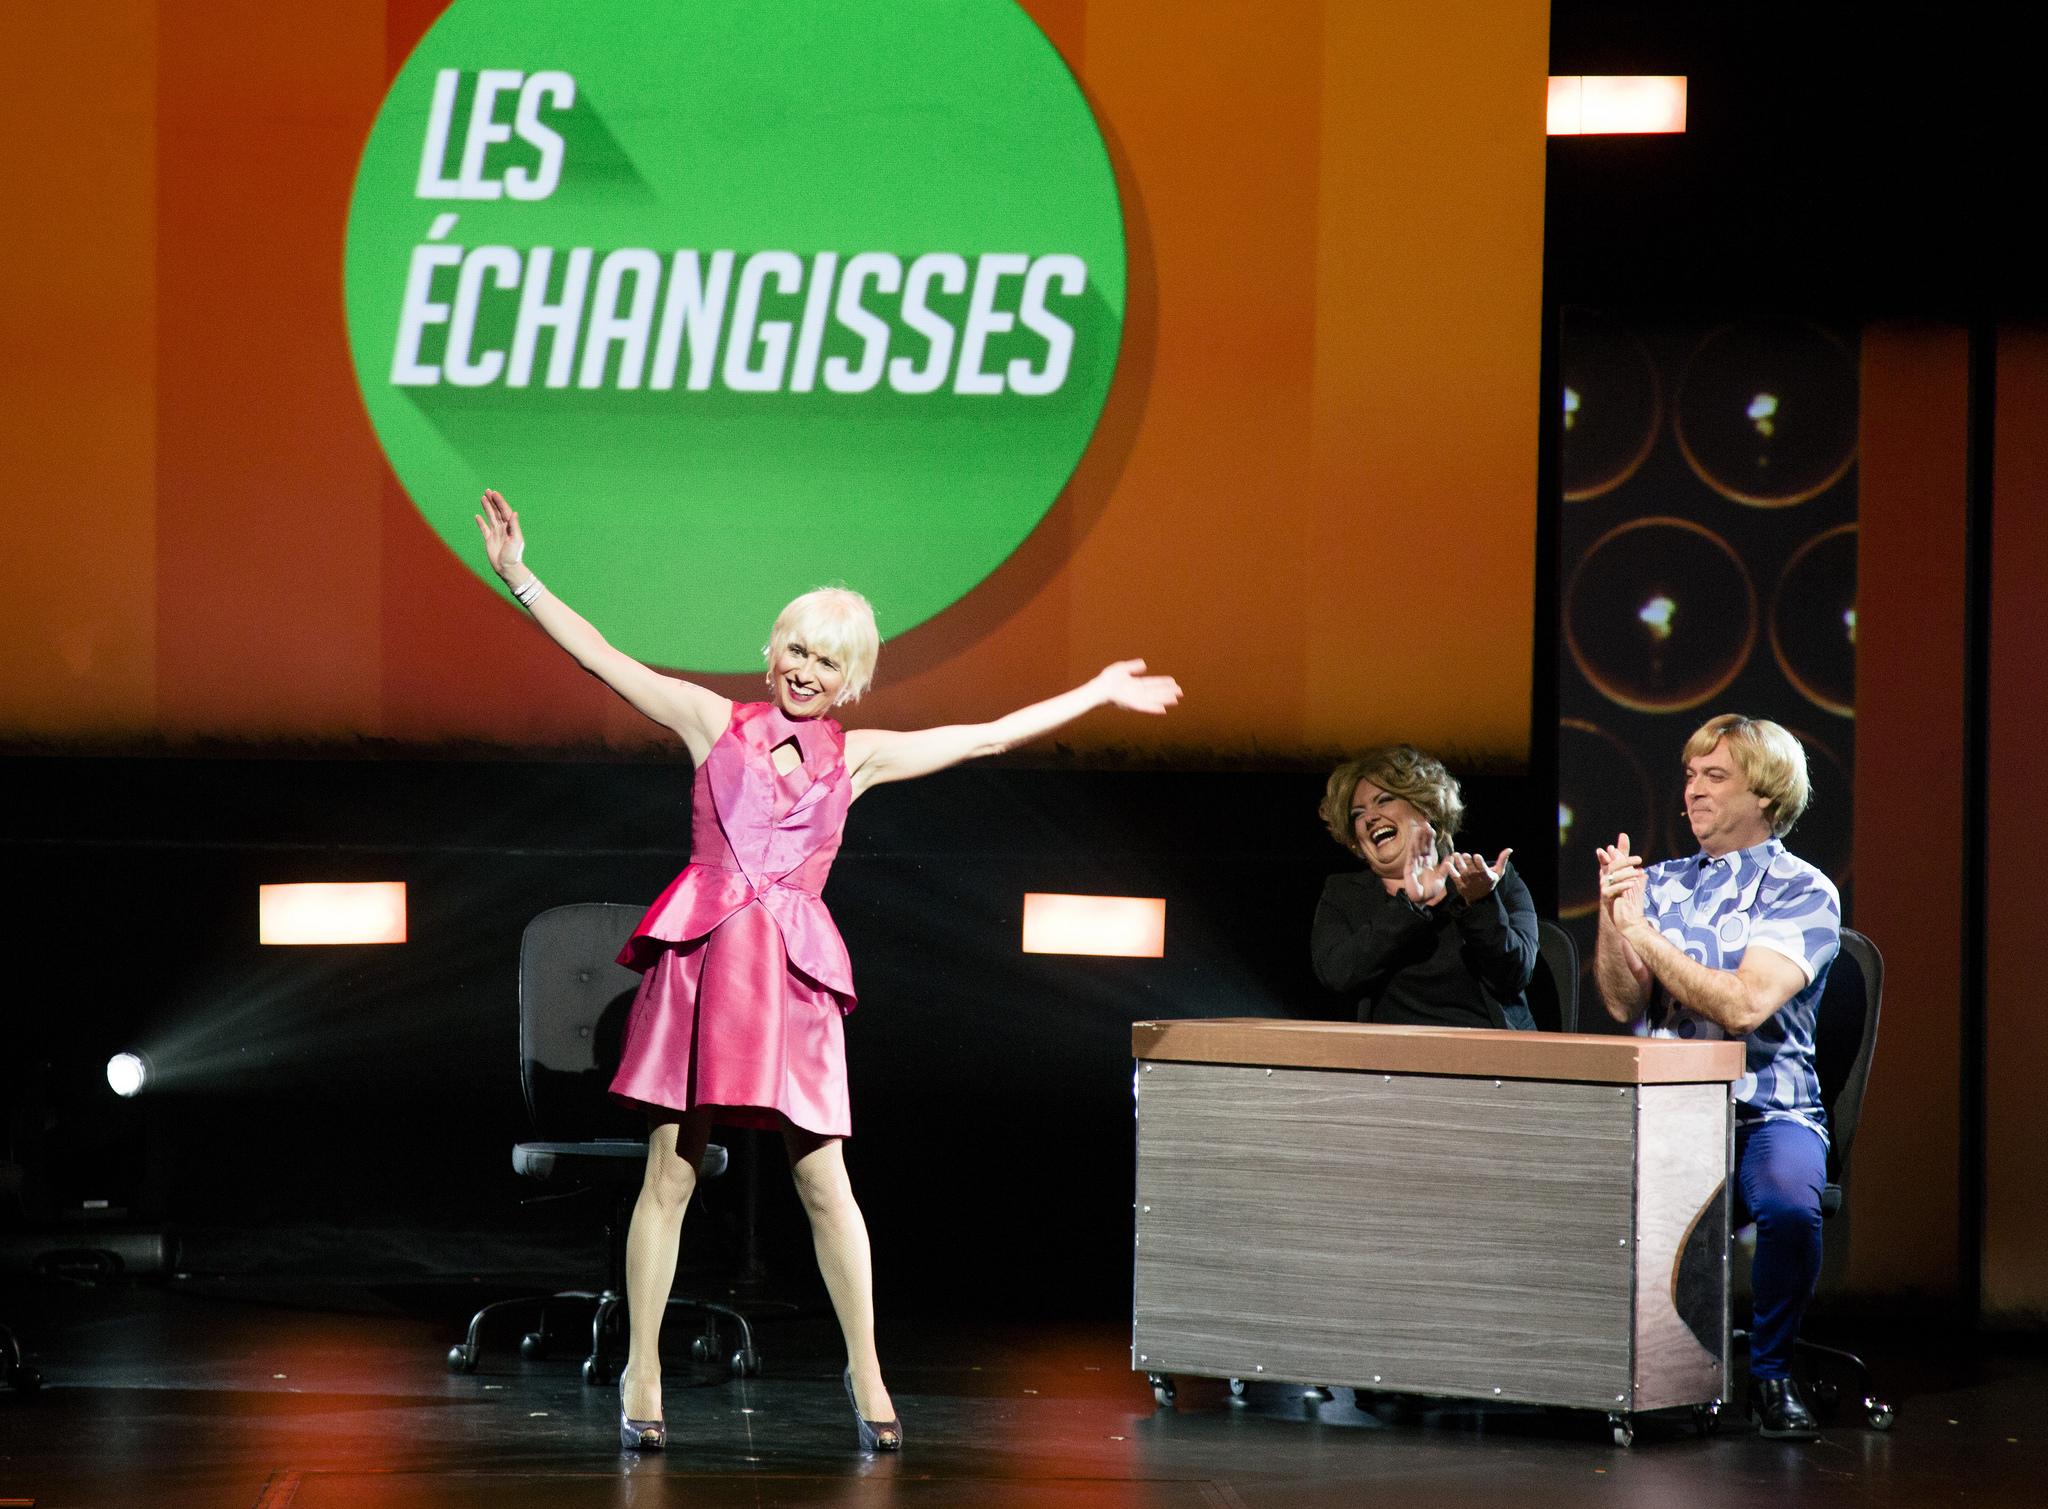 Photo: François Laplante Delagrave